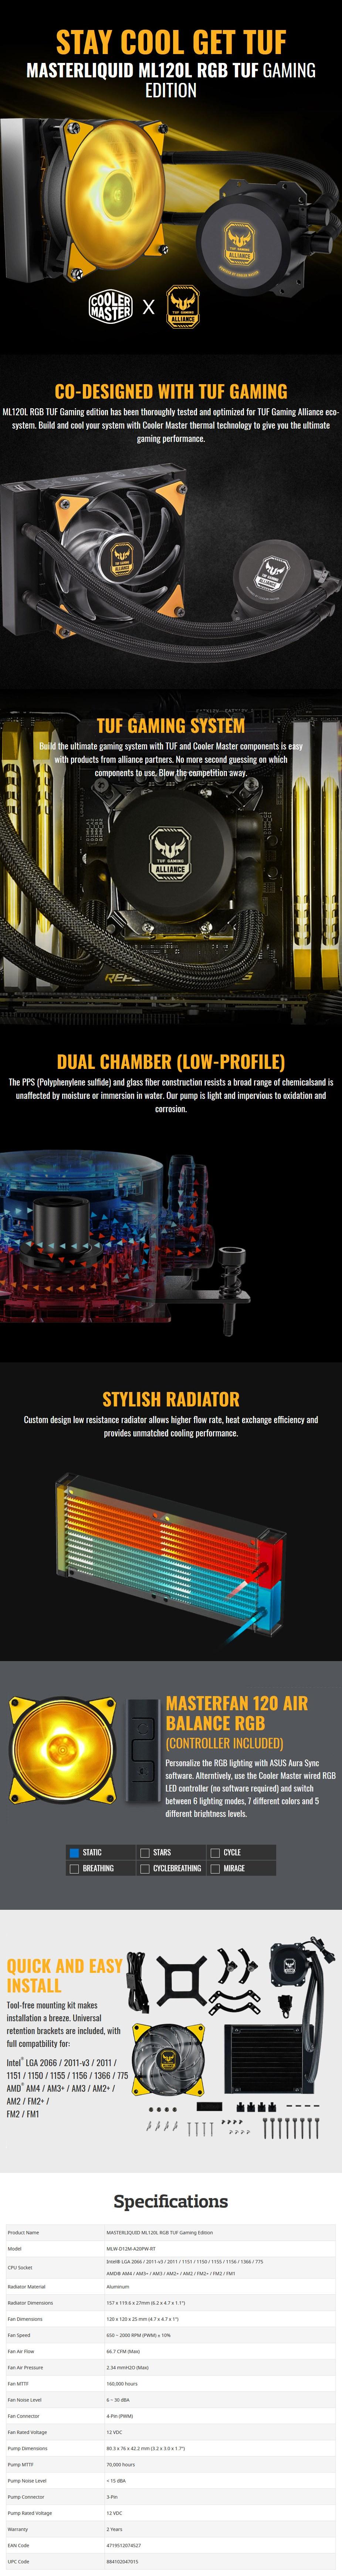 Cooler Master MasterLiquid ML120L RGB AIO Liquid CPU Cooler - TUF Gaming Edition - Desktop Overview 1